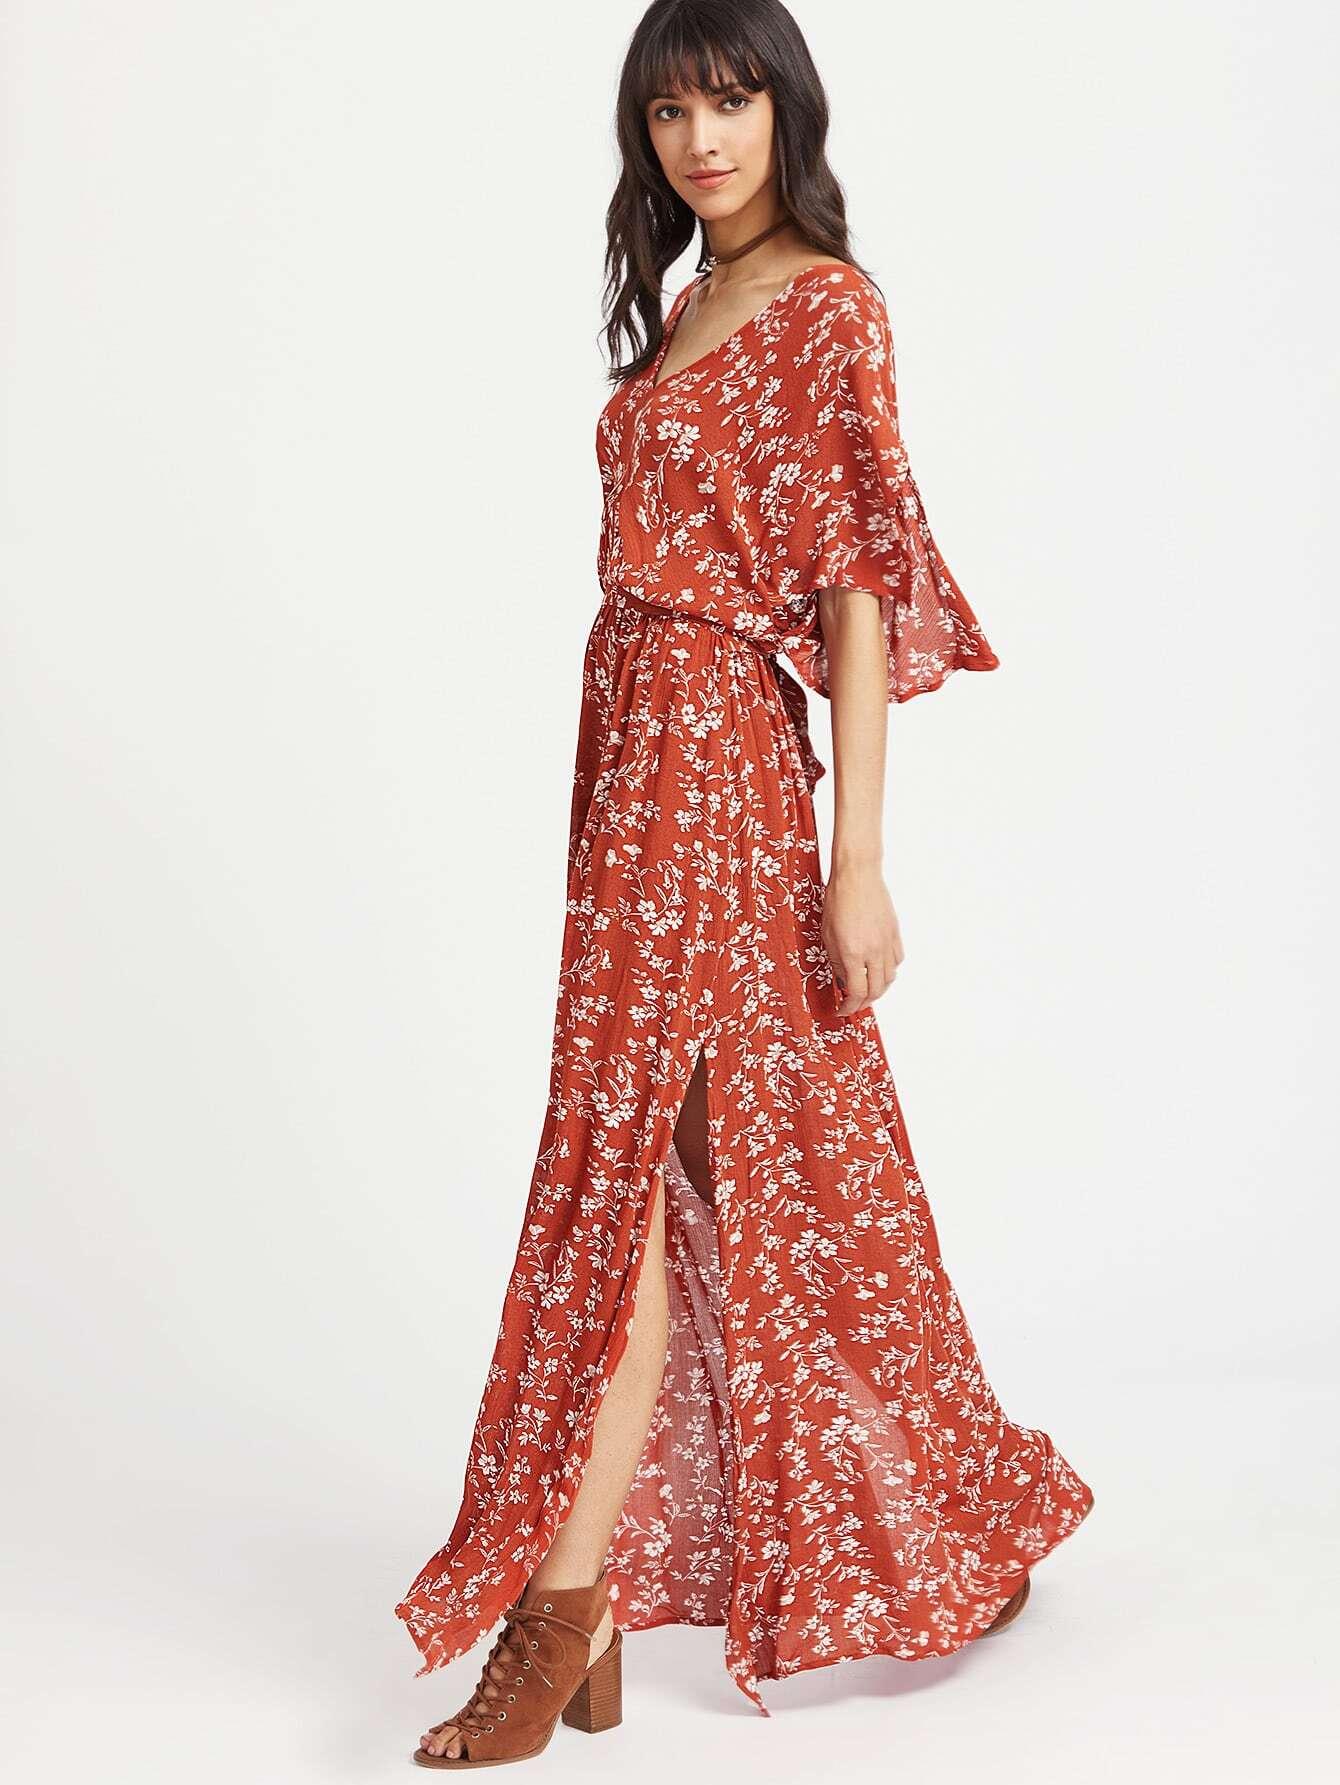 dress170411450_2